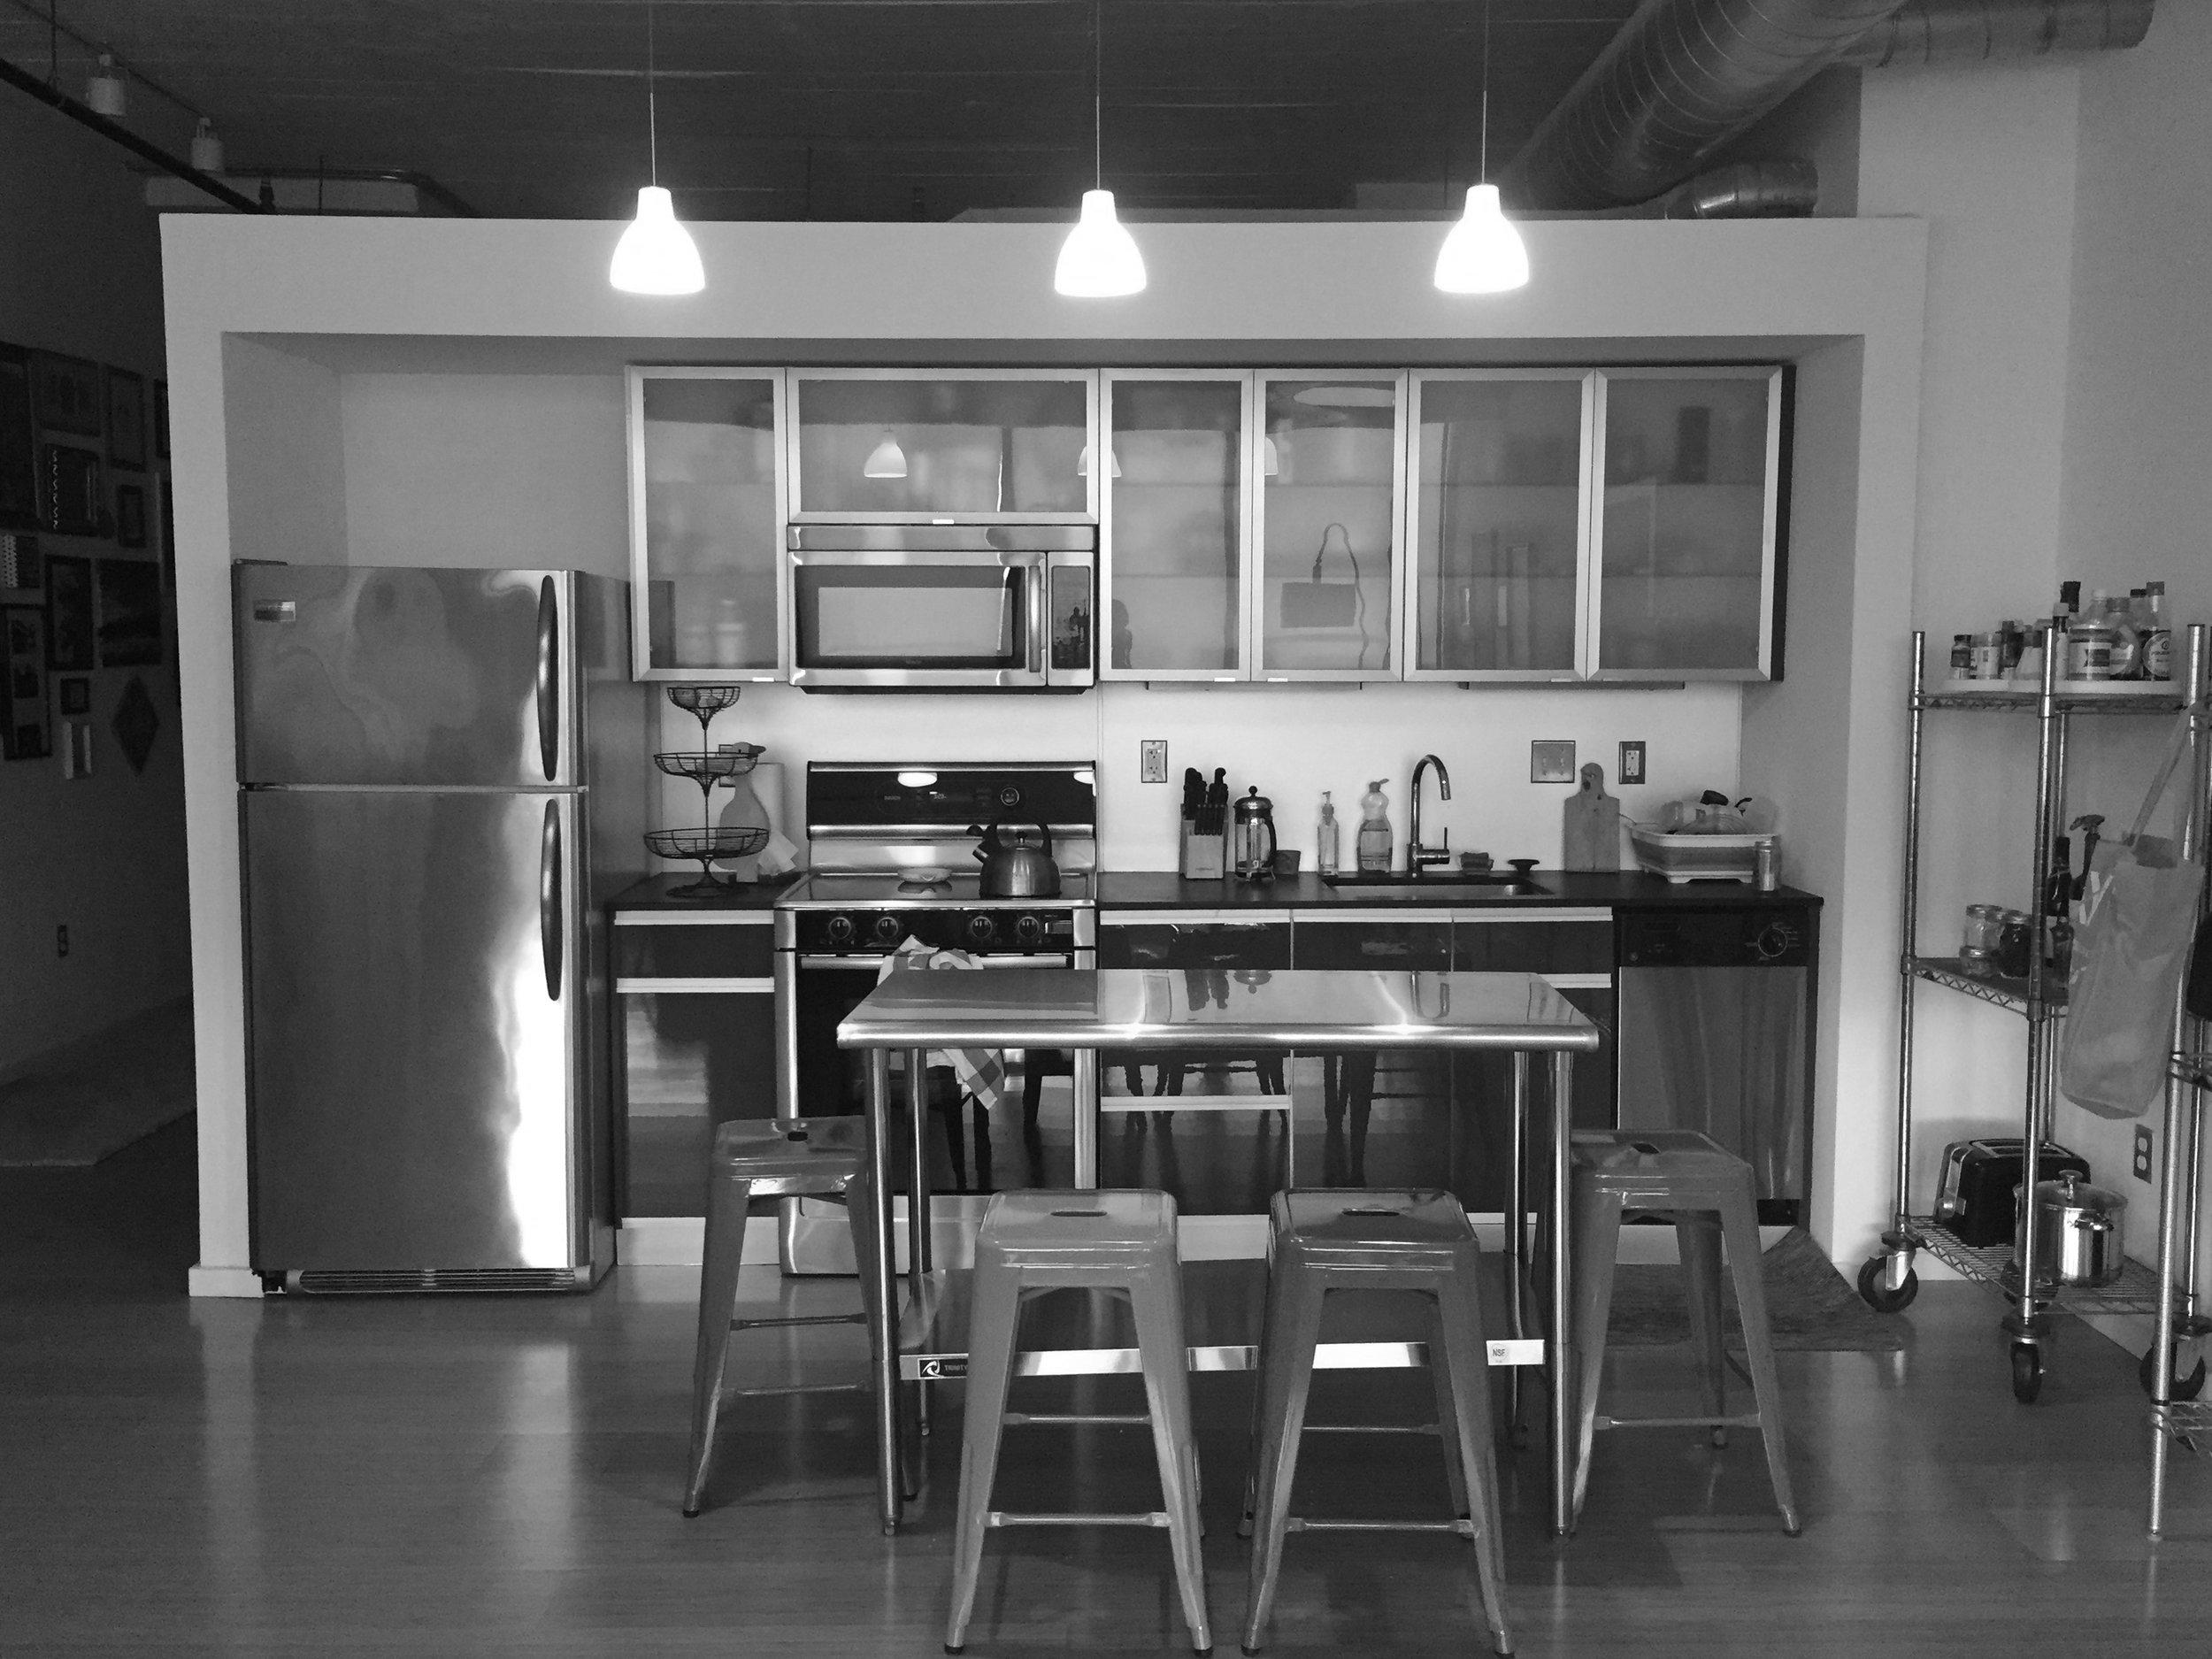 Kitchen-BW.jpg